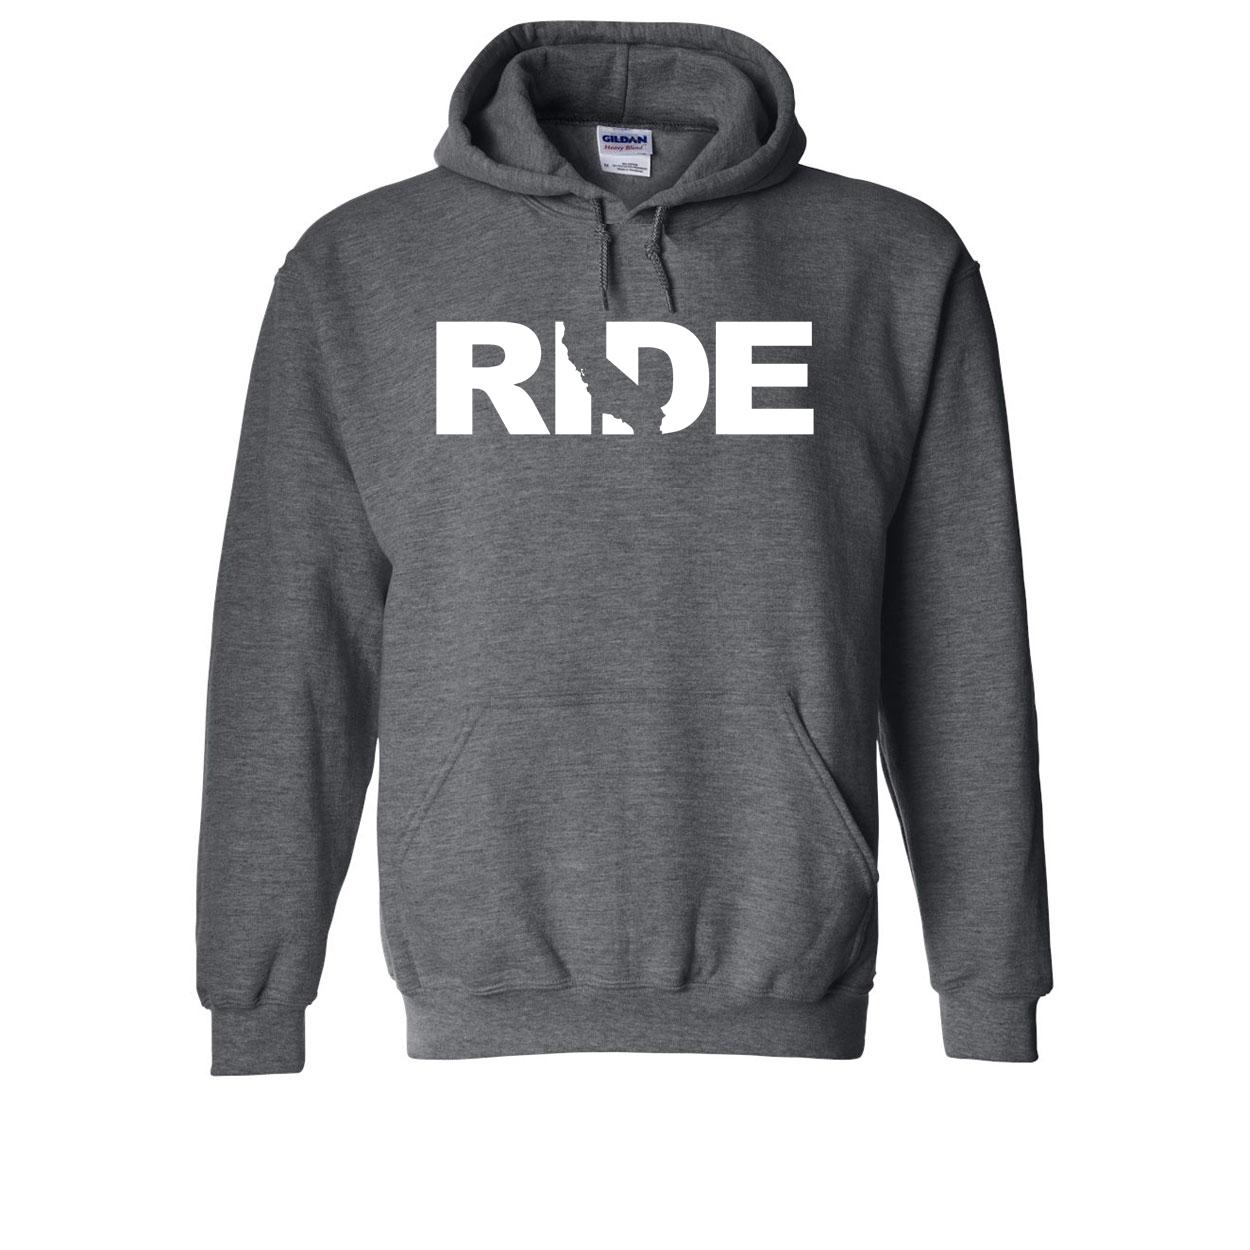 Ride California Classic Sweatshirt Dark Heather Gray (White Logo)